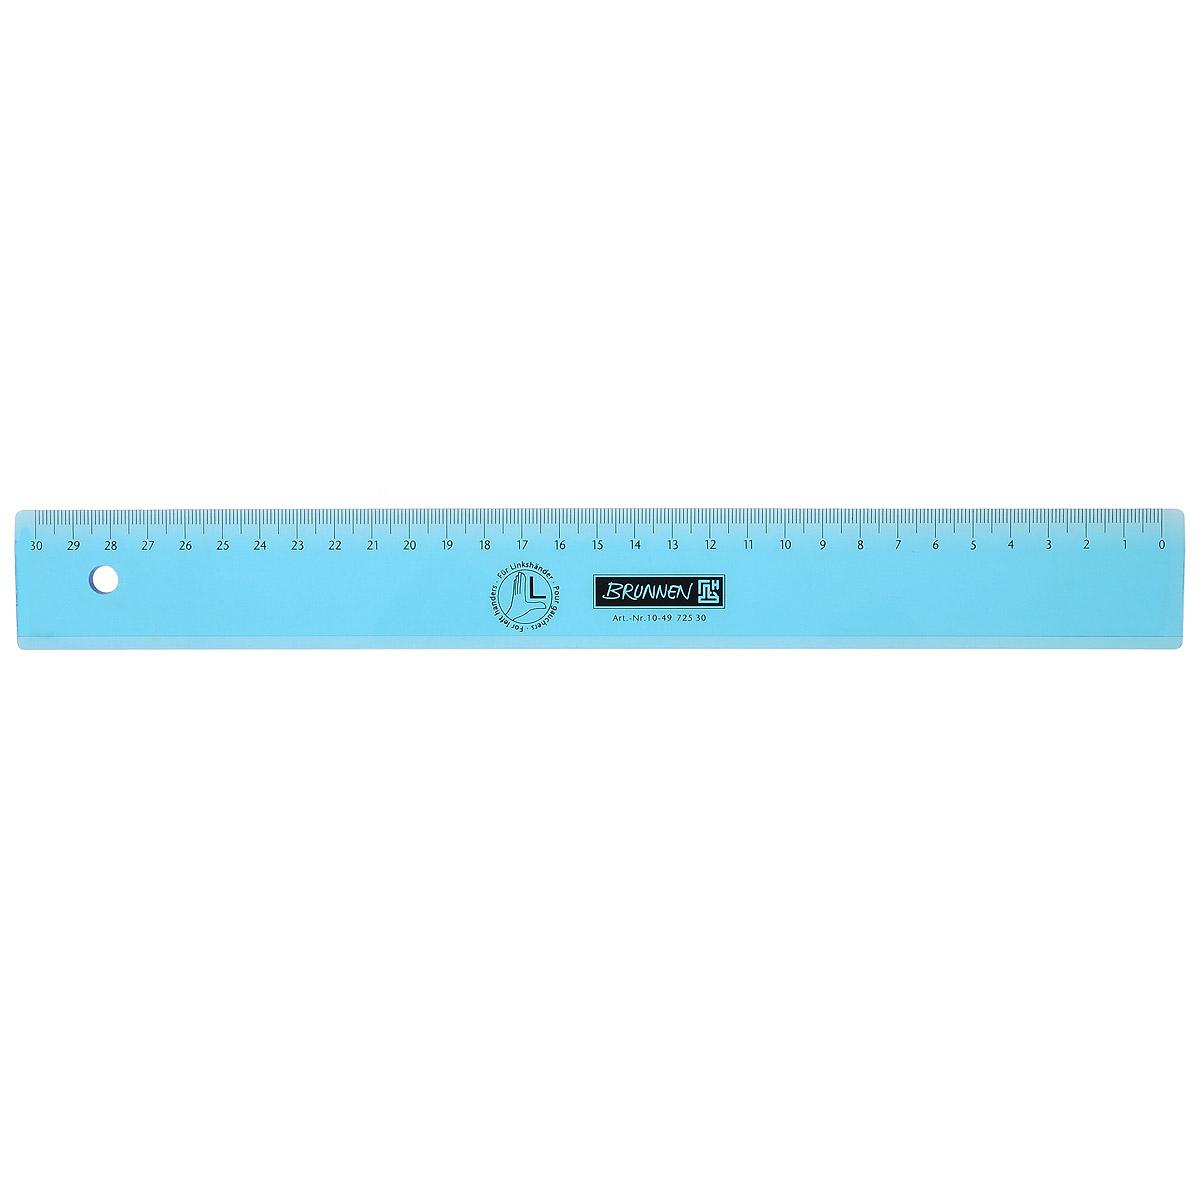 Линейка для левши Brunnen, цвет: голубой, 30 см62178_голубойЛинейка Brunnen, длиной 30 см, выполнена из прозрачного пластика голубого цвета. Линейка предназначена специально для левшей. Шкала на линейке расположена справа налево. Линейка Brunnen - это незаменимый атрибут, необходимый школьнику или студенту, упрощающий измерение и обеспечивающий ровность проводимых линий.